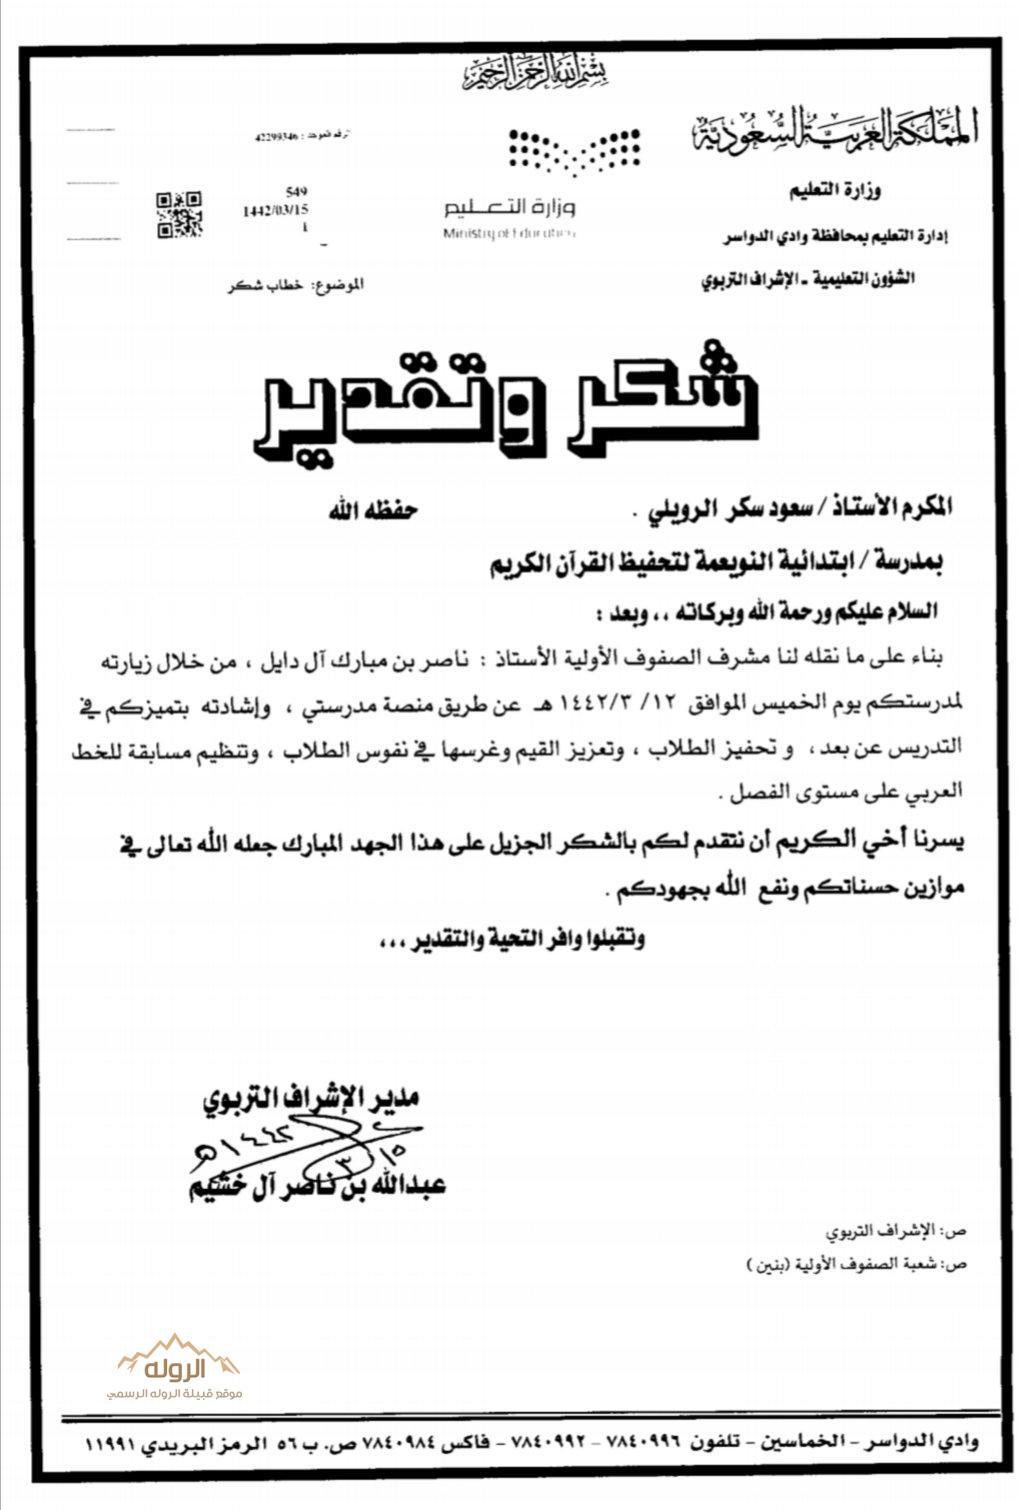 سعود الرويلي يتلقى خطاب شكر وتقدير قبيلة الروله الرسمي